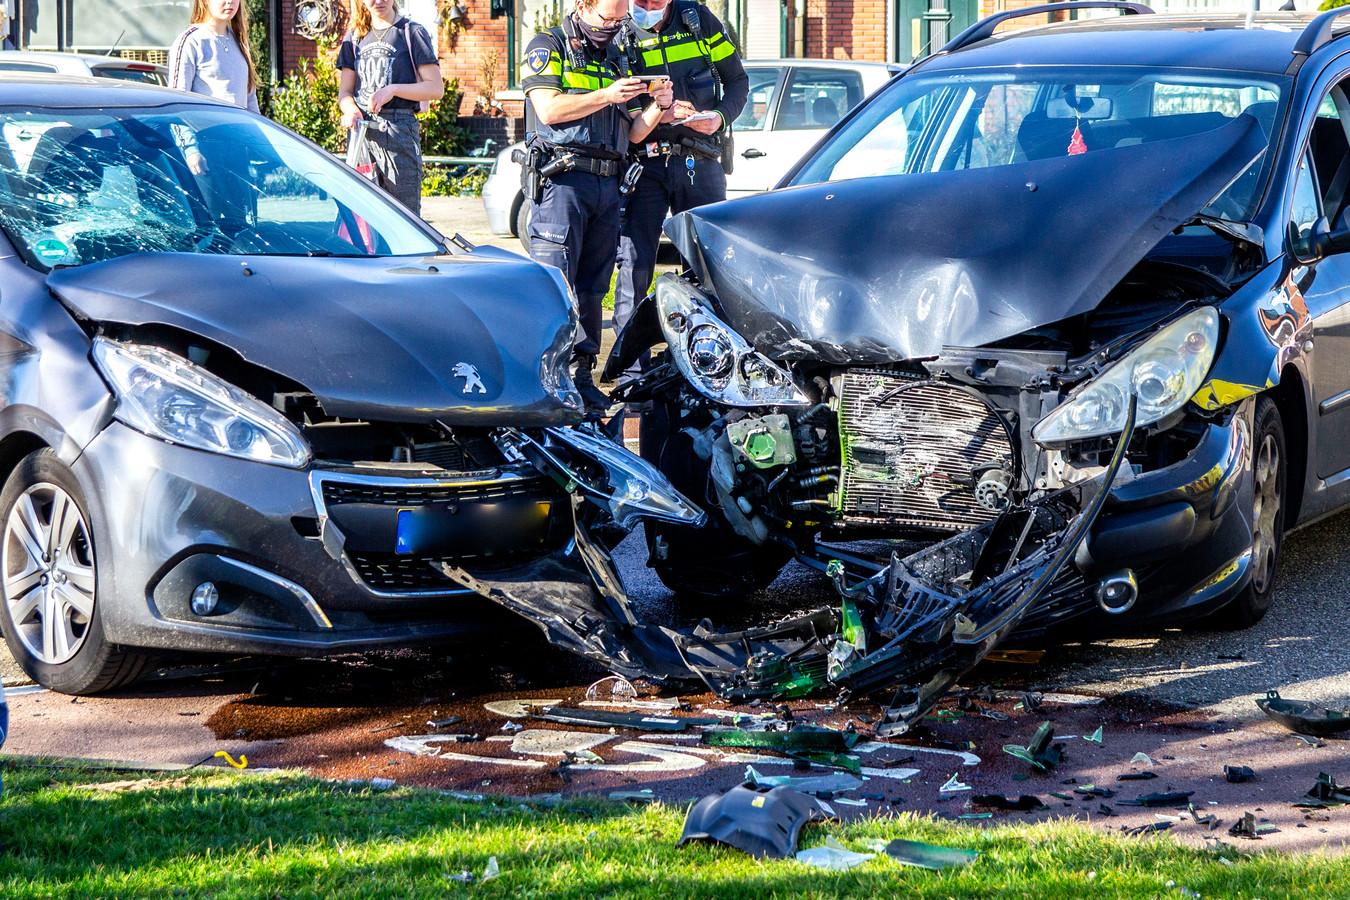 Een flinke ravage op de Frans Lebretlaan in Dordrecht na een ongeluk, waarbij twee auto's betrokken raakten.